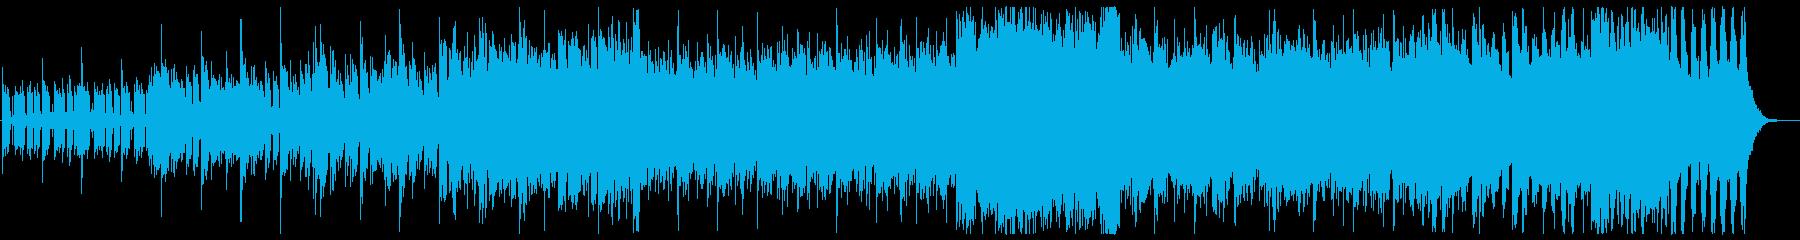 重量感のあるシネマティックオケ戦闘曲の再生済みの波形